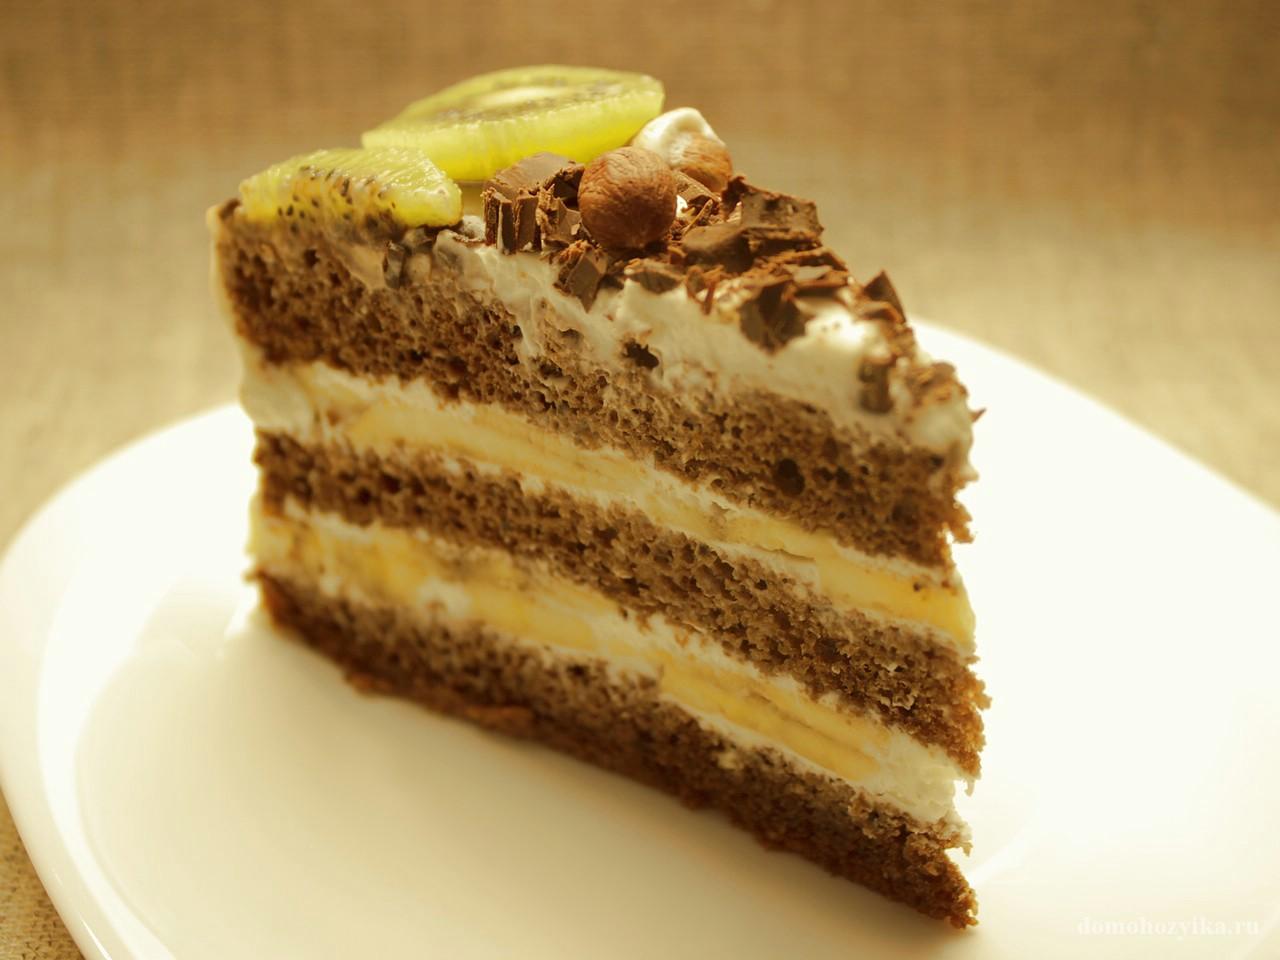 Банановый торт с шоколадом рецепт с фото пошагово